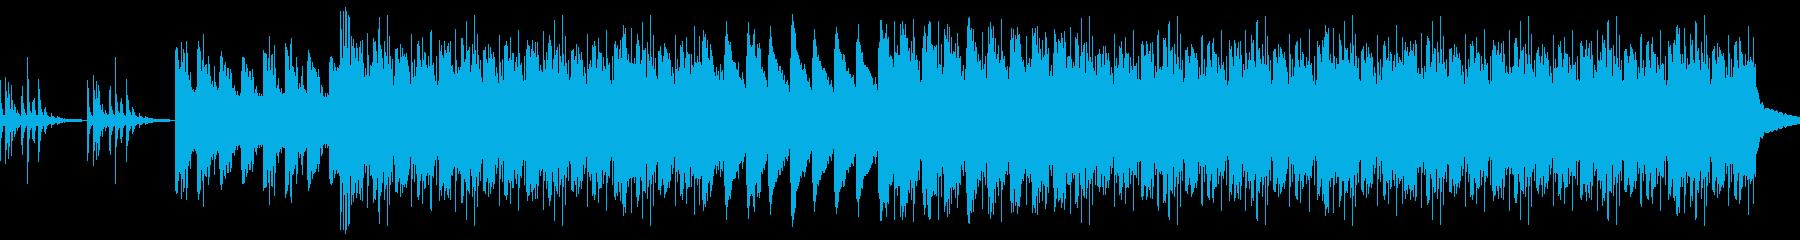 圧倒的な畏怖を感じさせるBGMの再生済みの波形